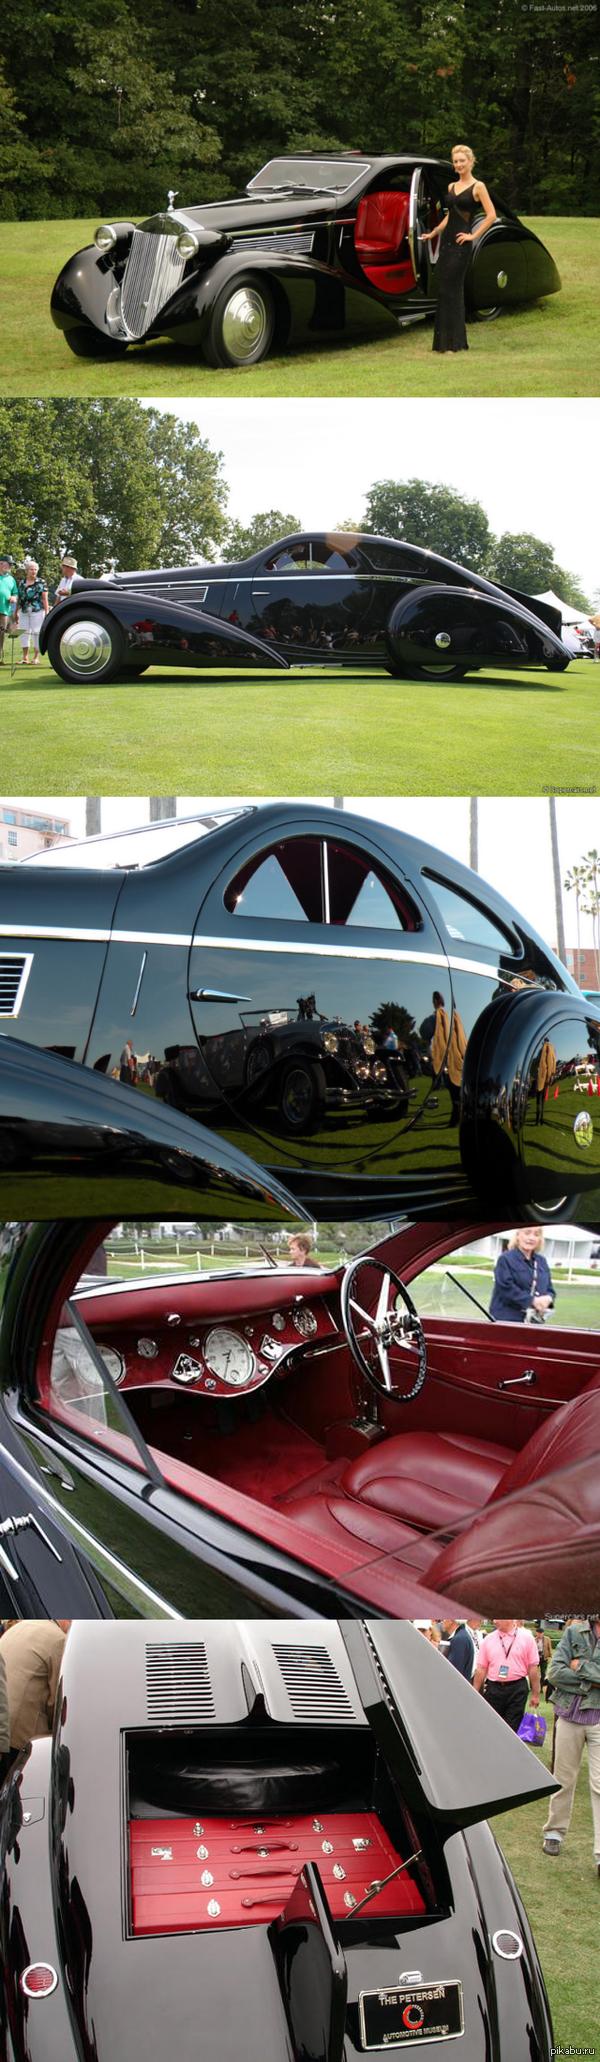 А мне нравится такой Rolls Royce И да, у него круглые двери)